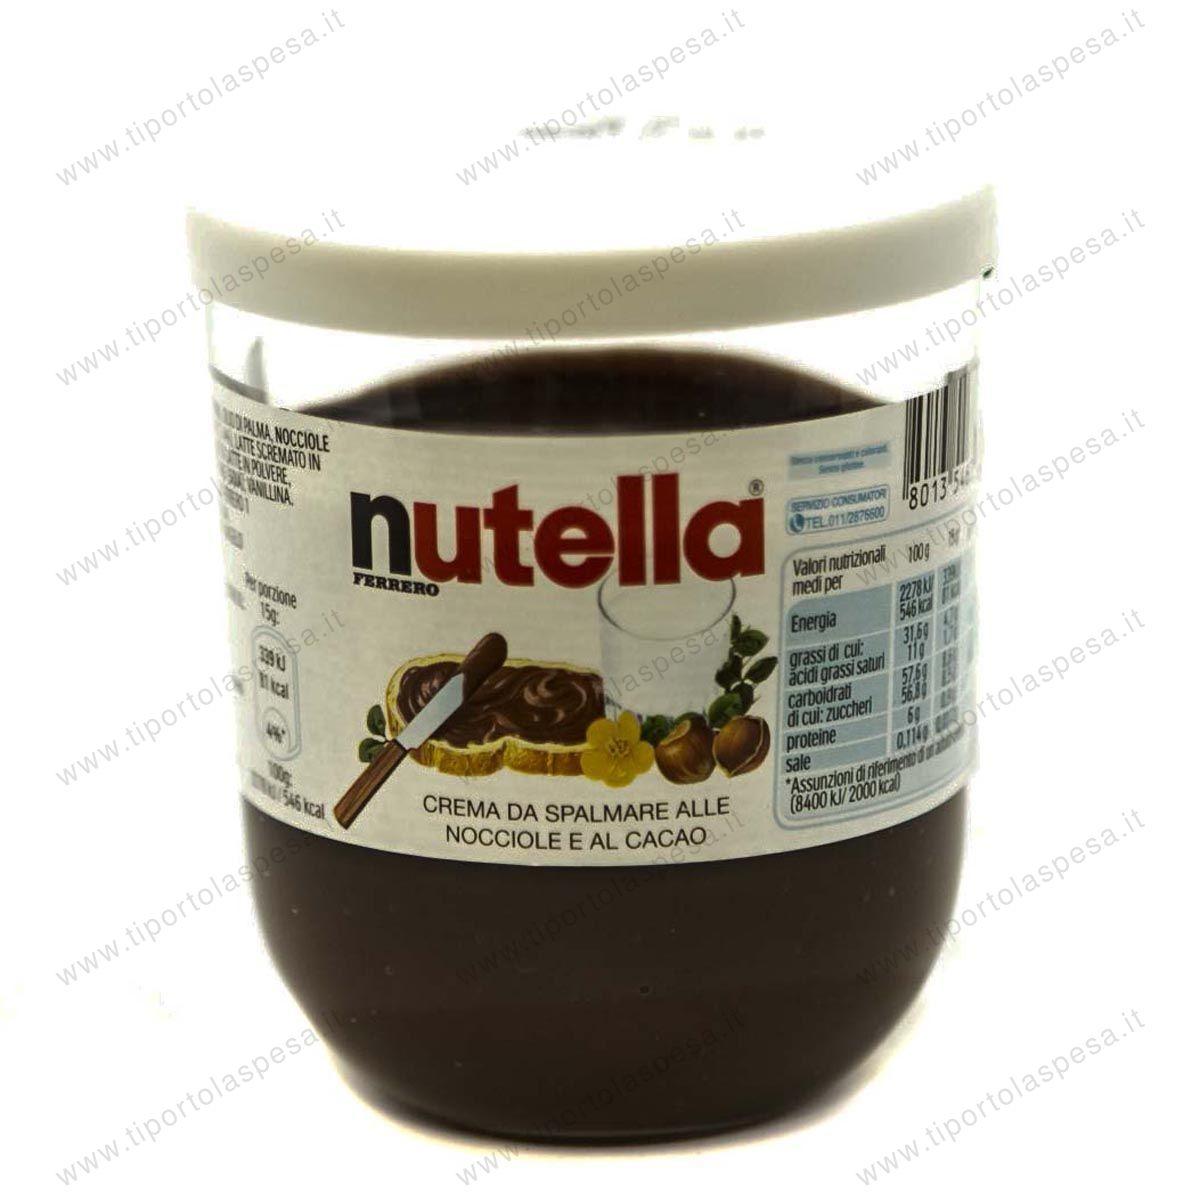 Cioccolata nutella bibita ferrero www - Bagno nella nutella ...